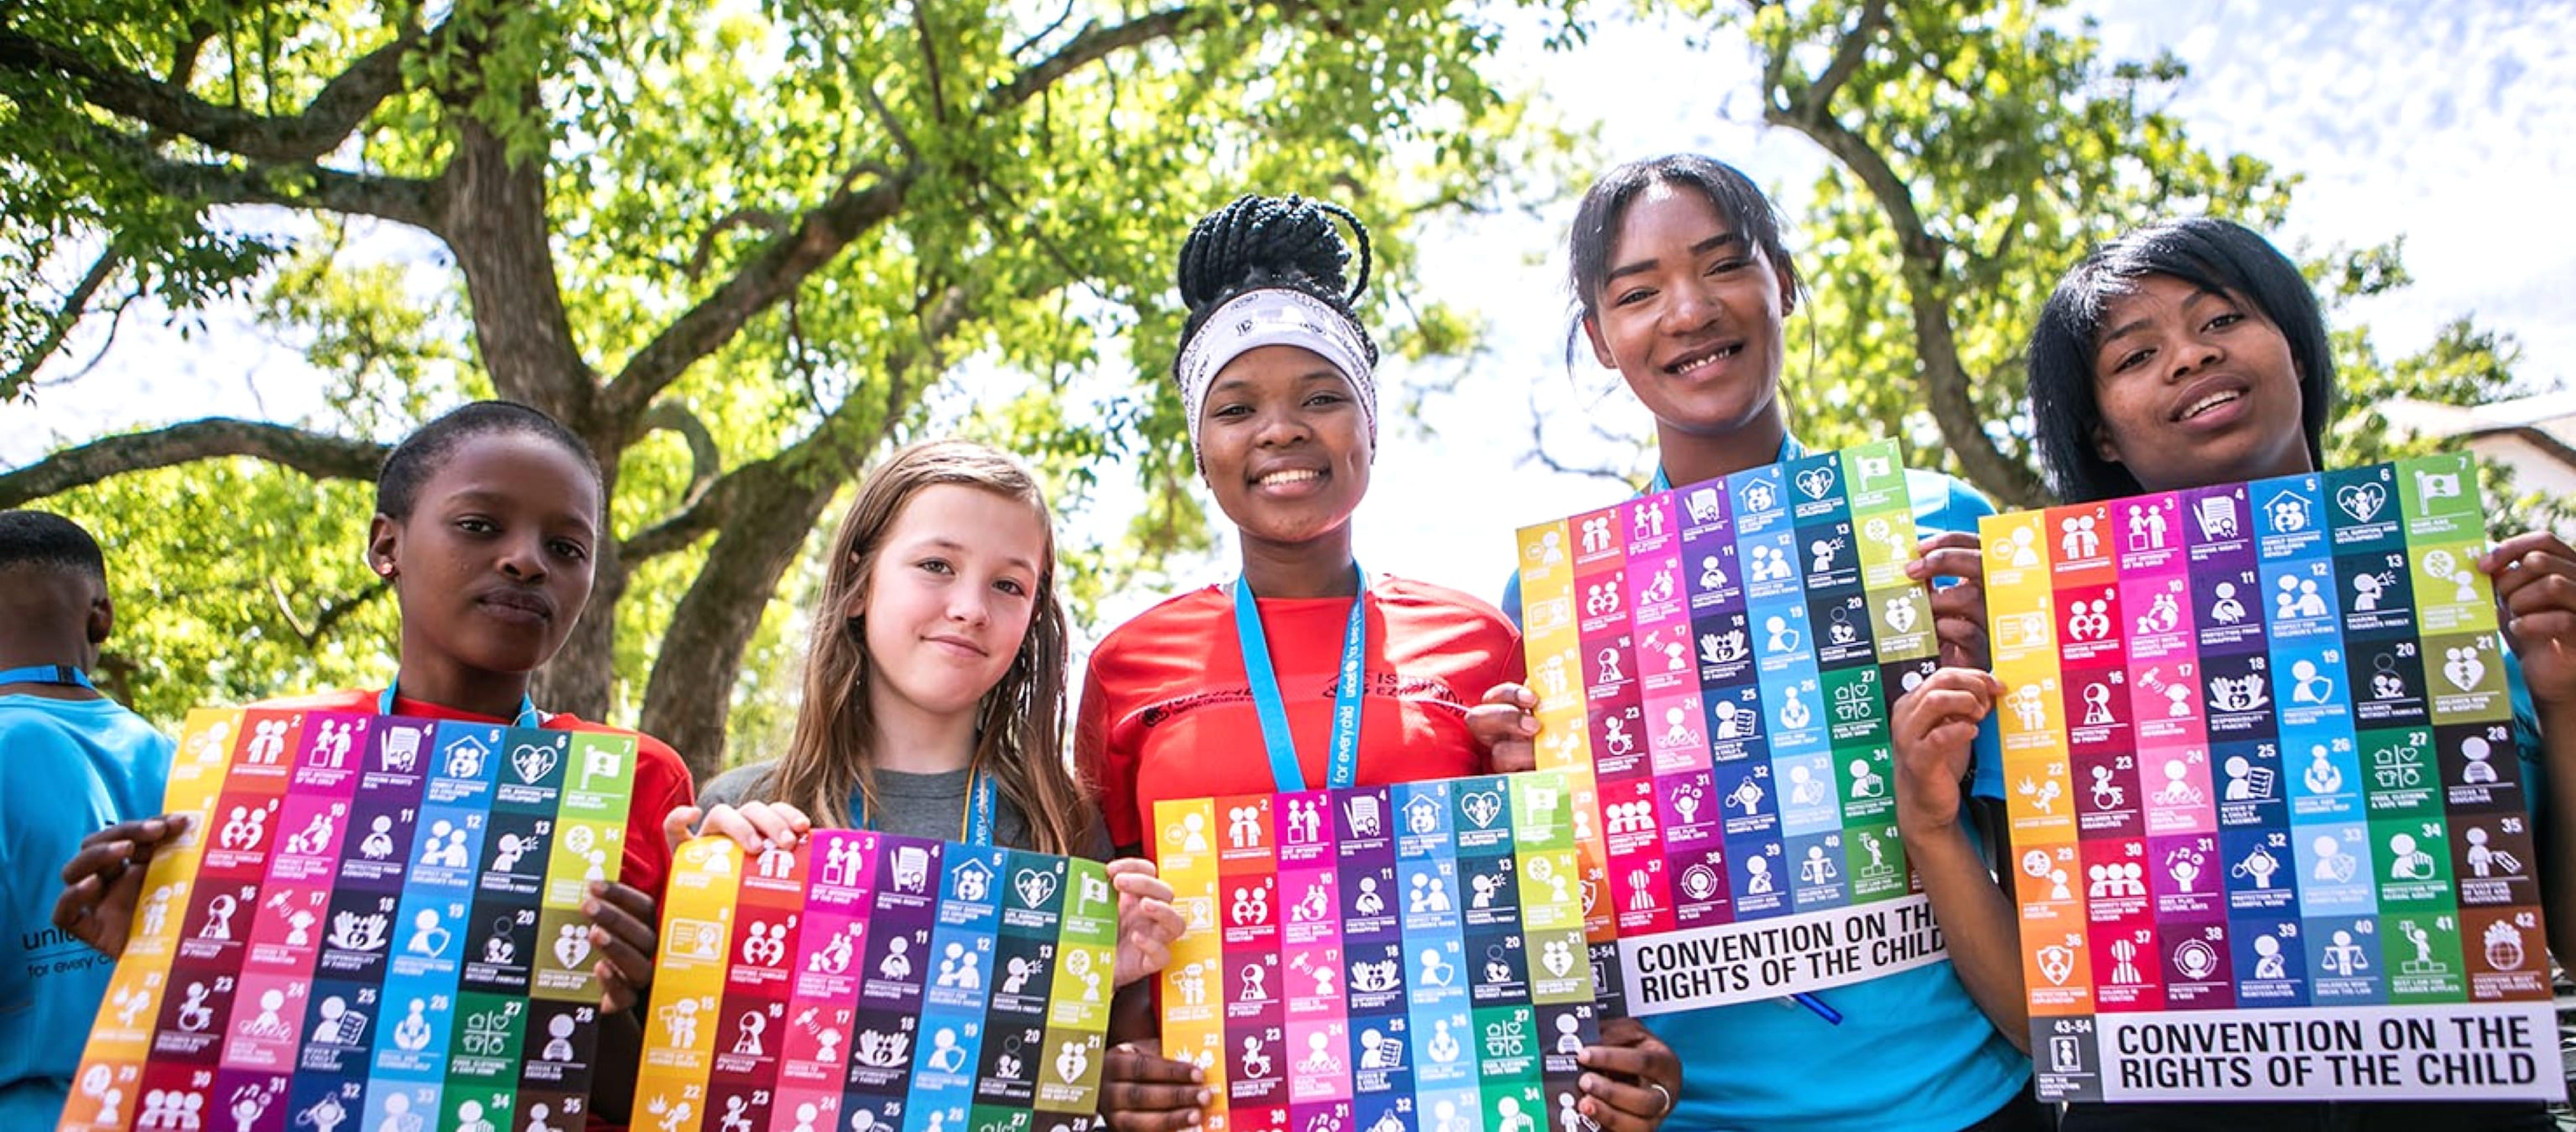 LaConvenzione sui diritti dell'infanzia e dell'adolescenzaè il riferimento principale dell'UNICEF